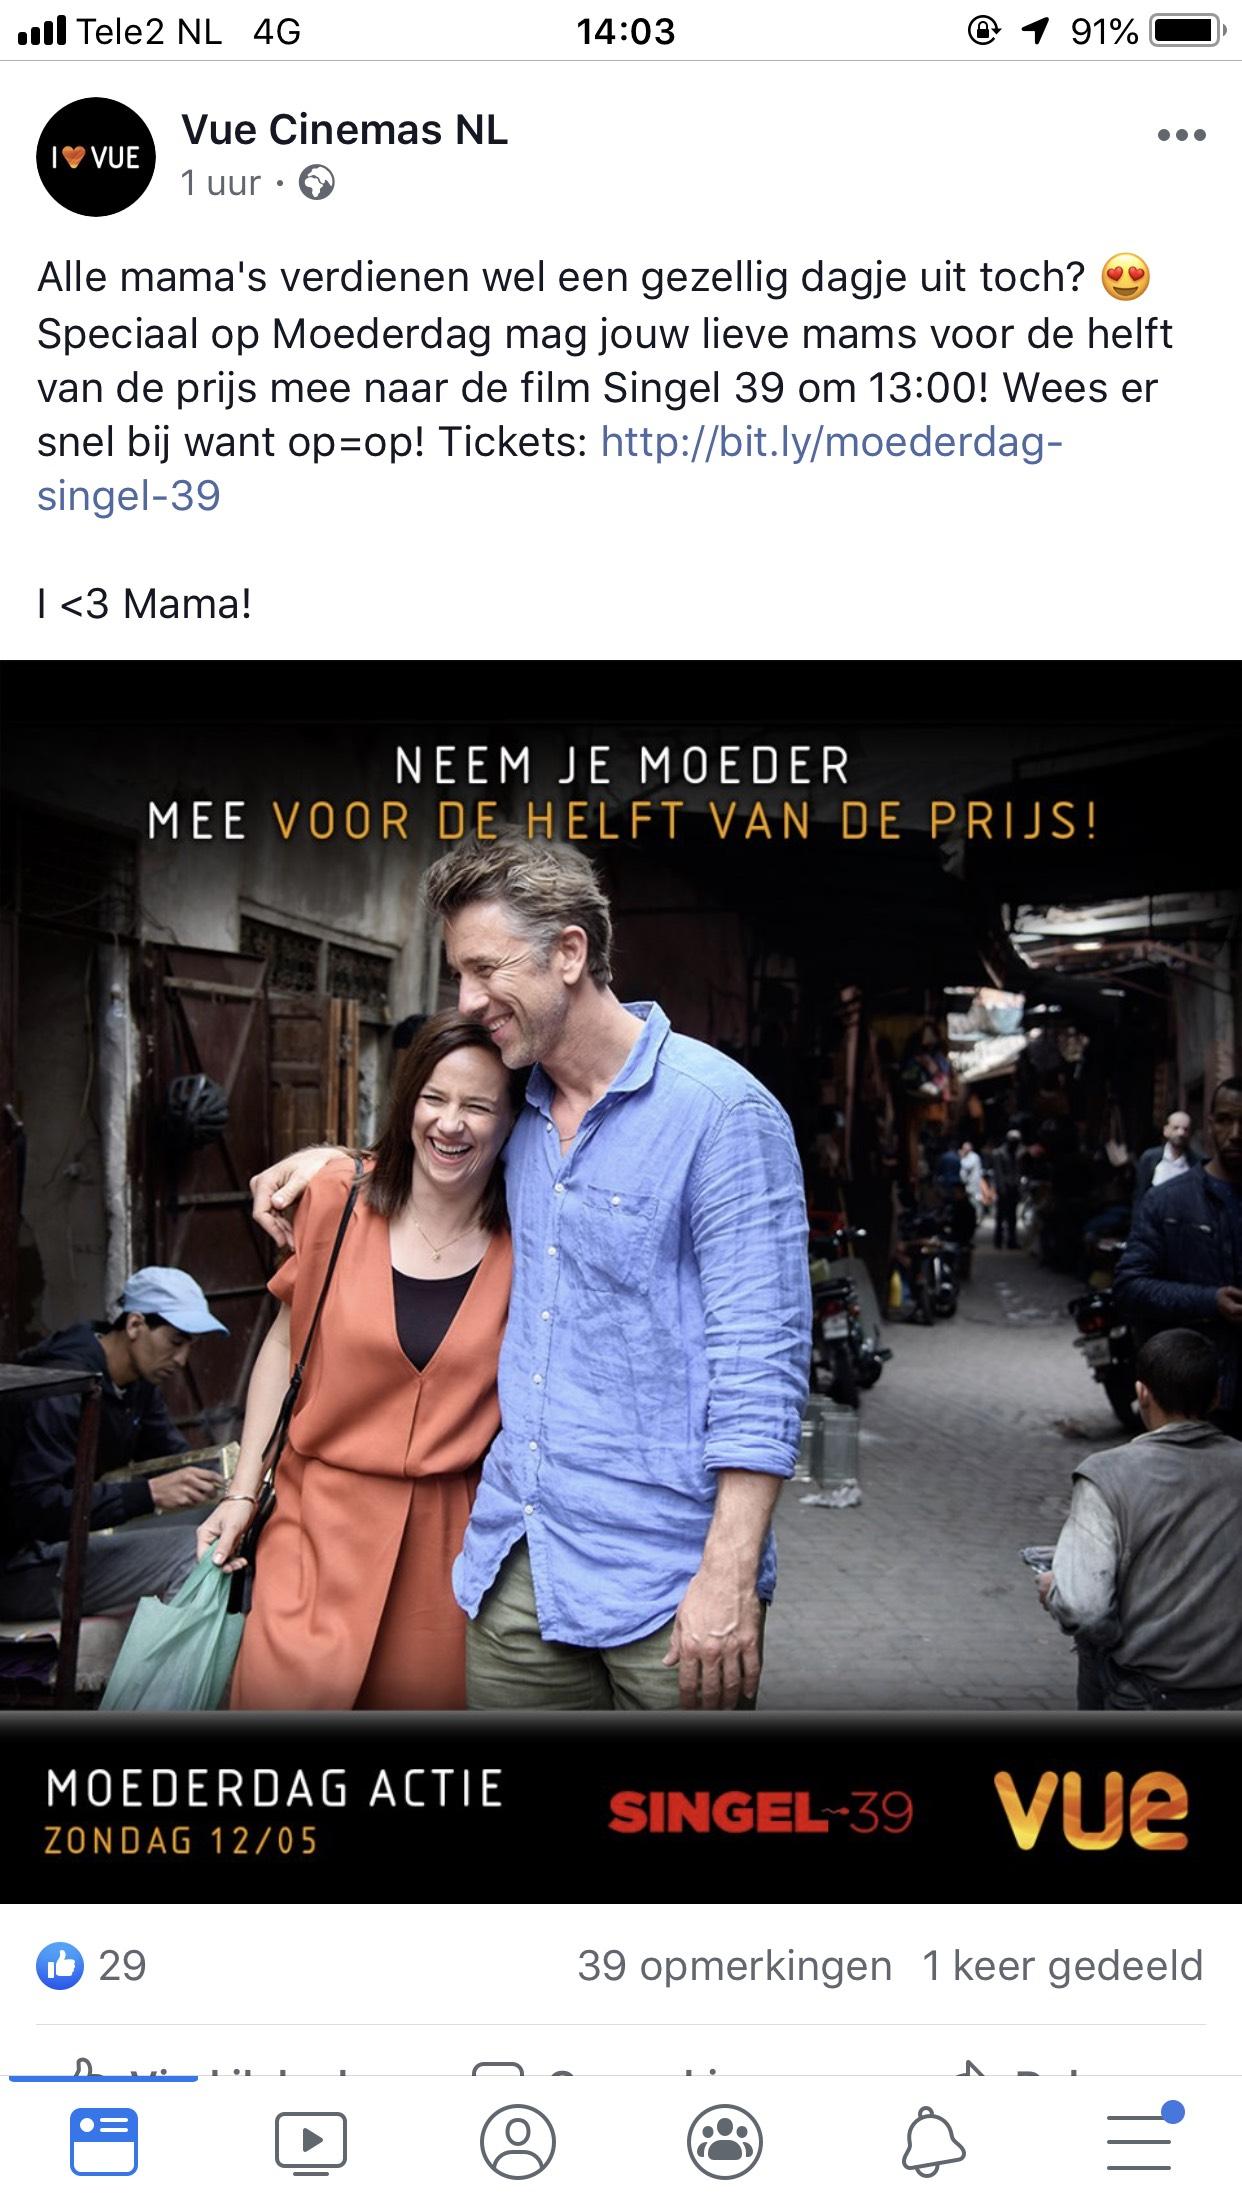 Al vanaf €2,50 voor 1 ticket! Neem je moeder op moederdag voor 50% mee naar de film single 39 @ vue.